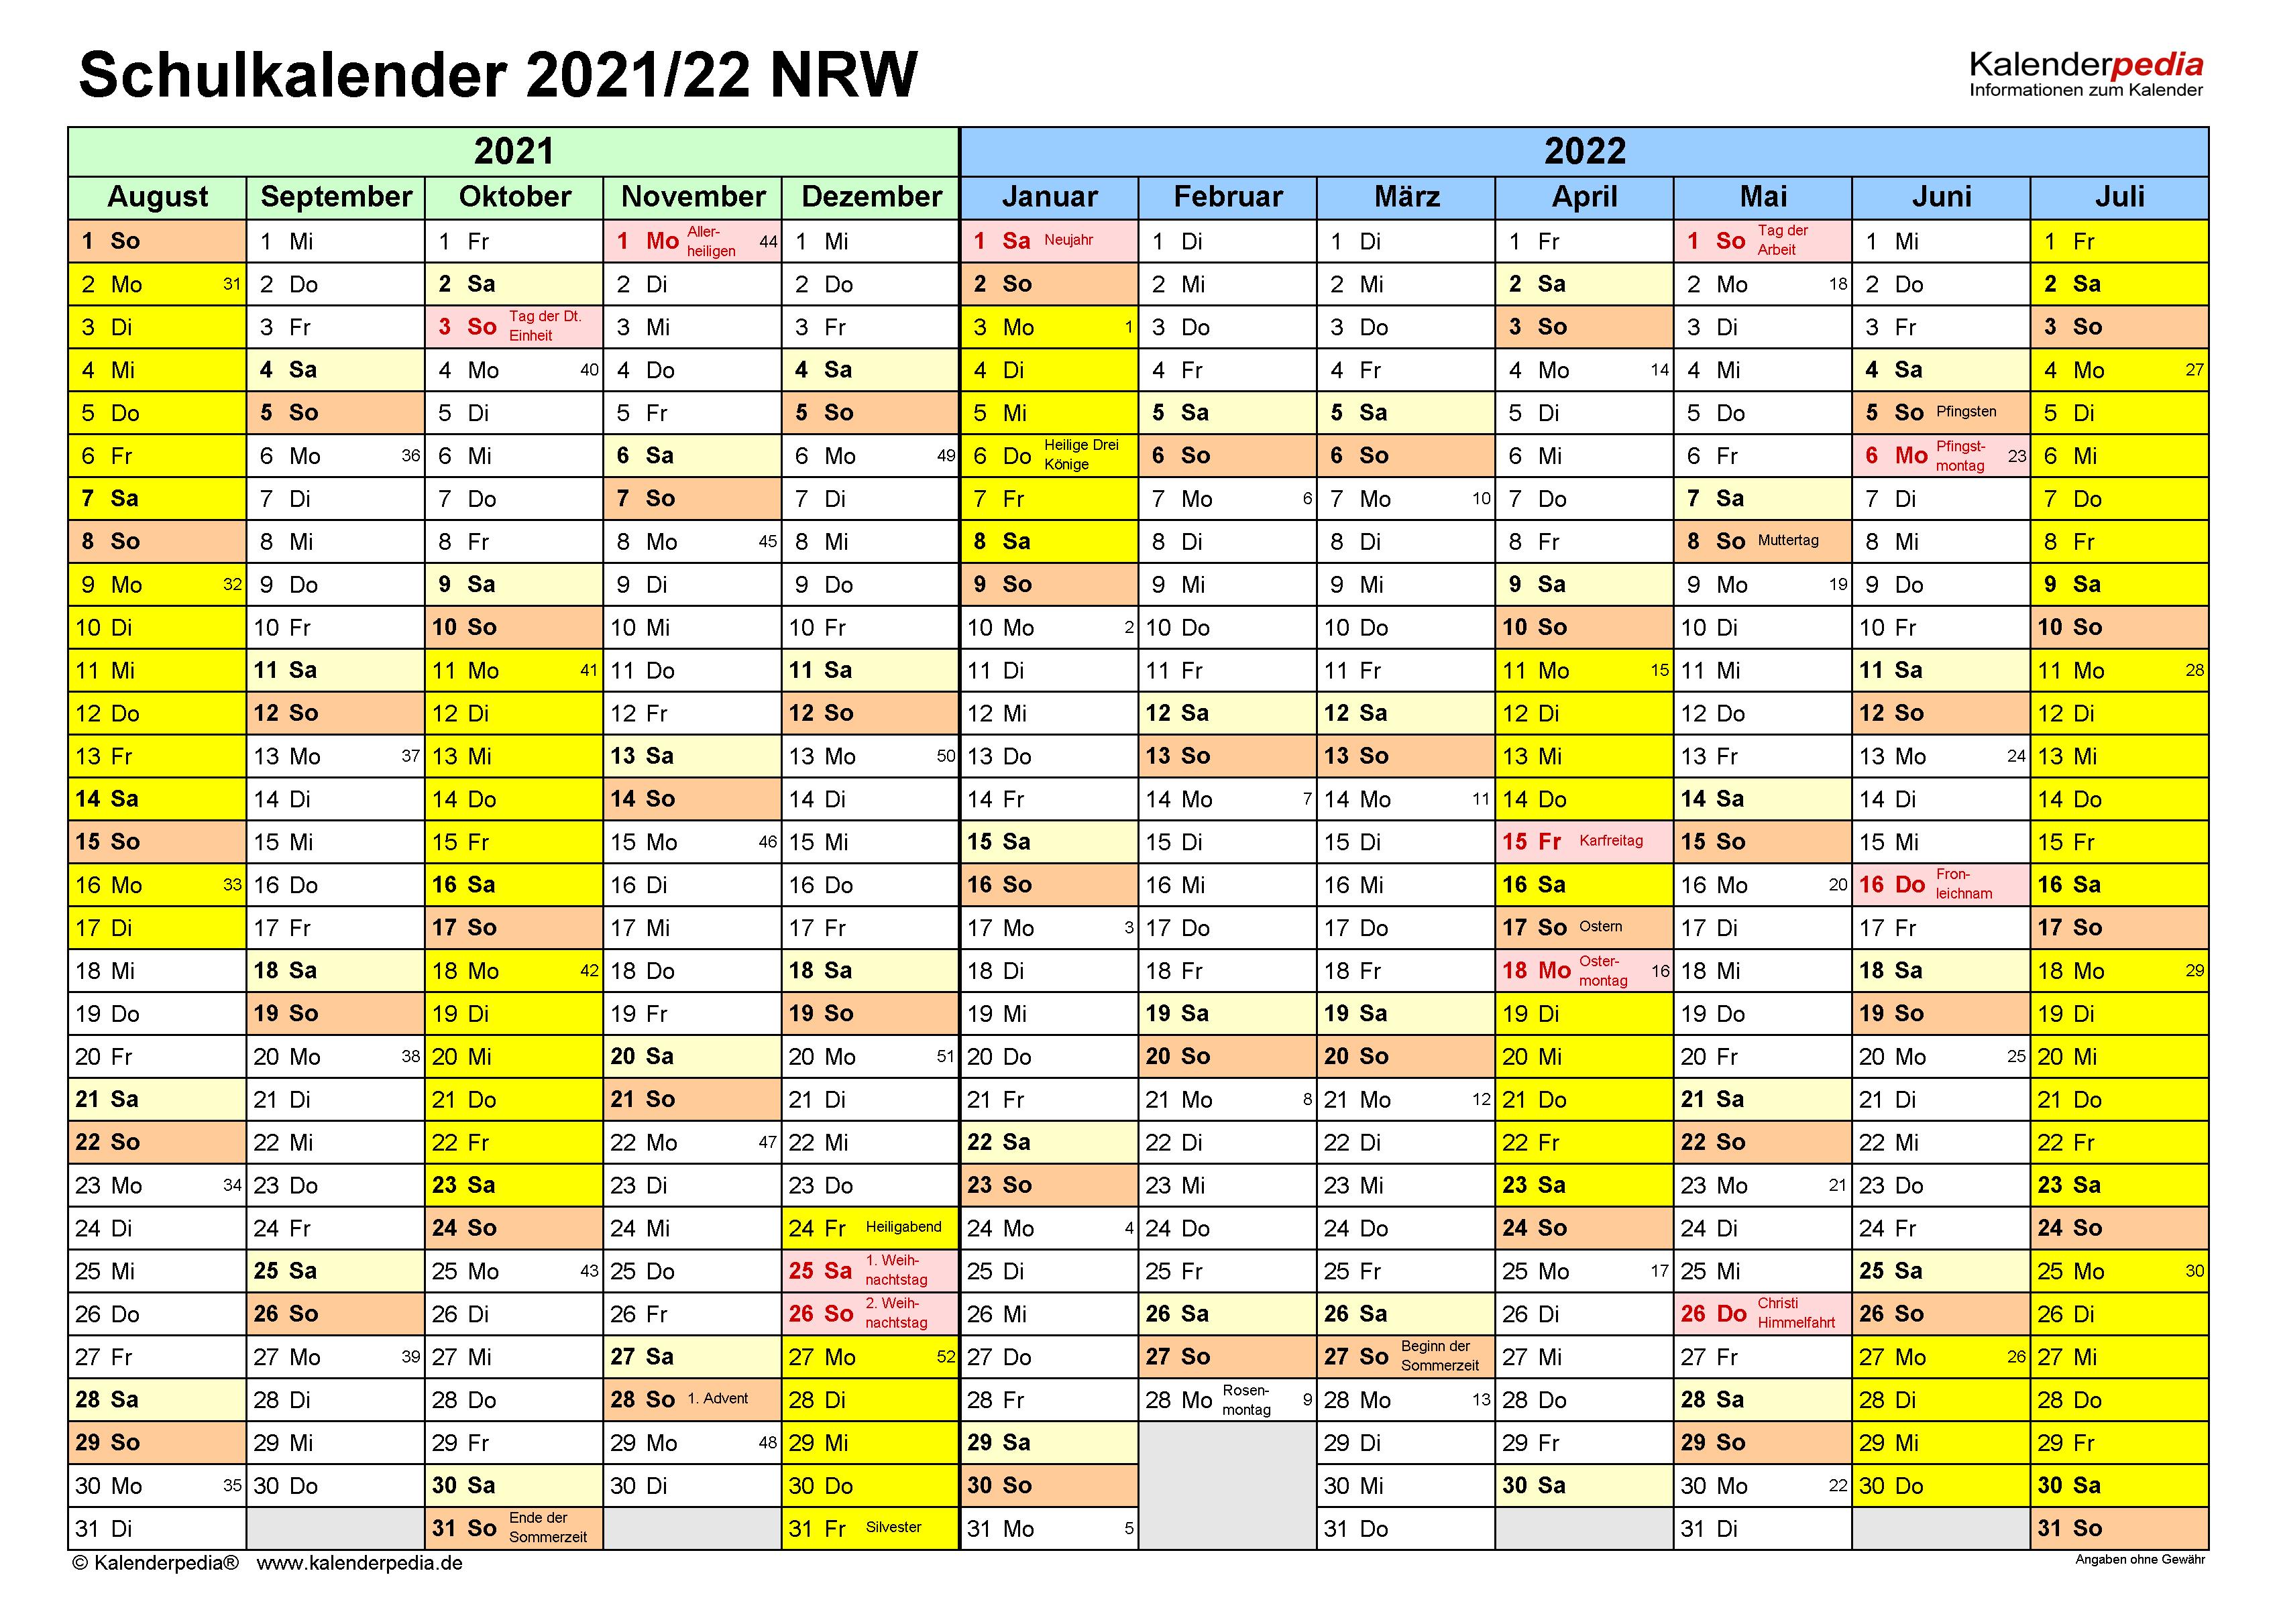 Schulkalender 2021/2022 NRW für PDF